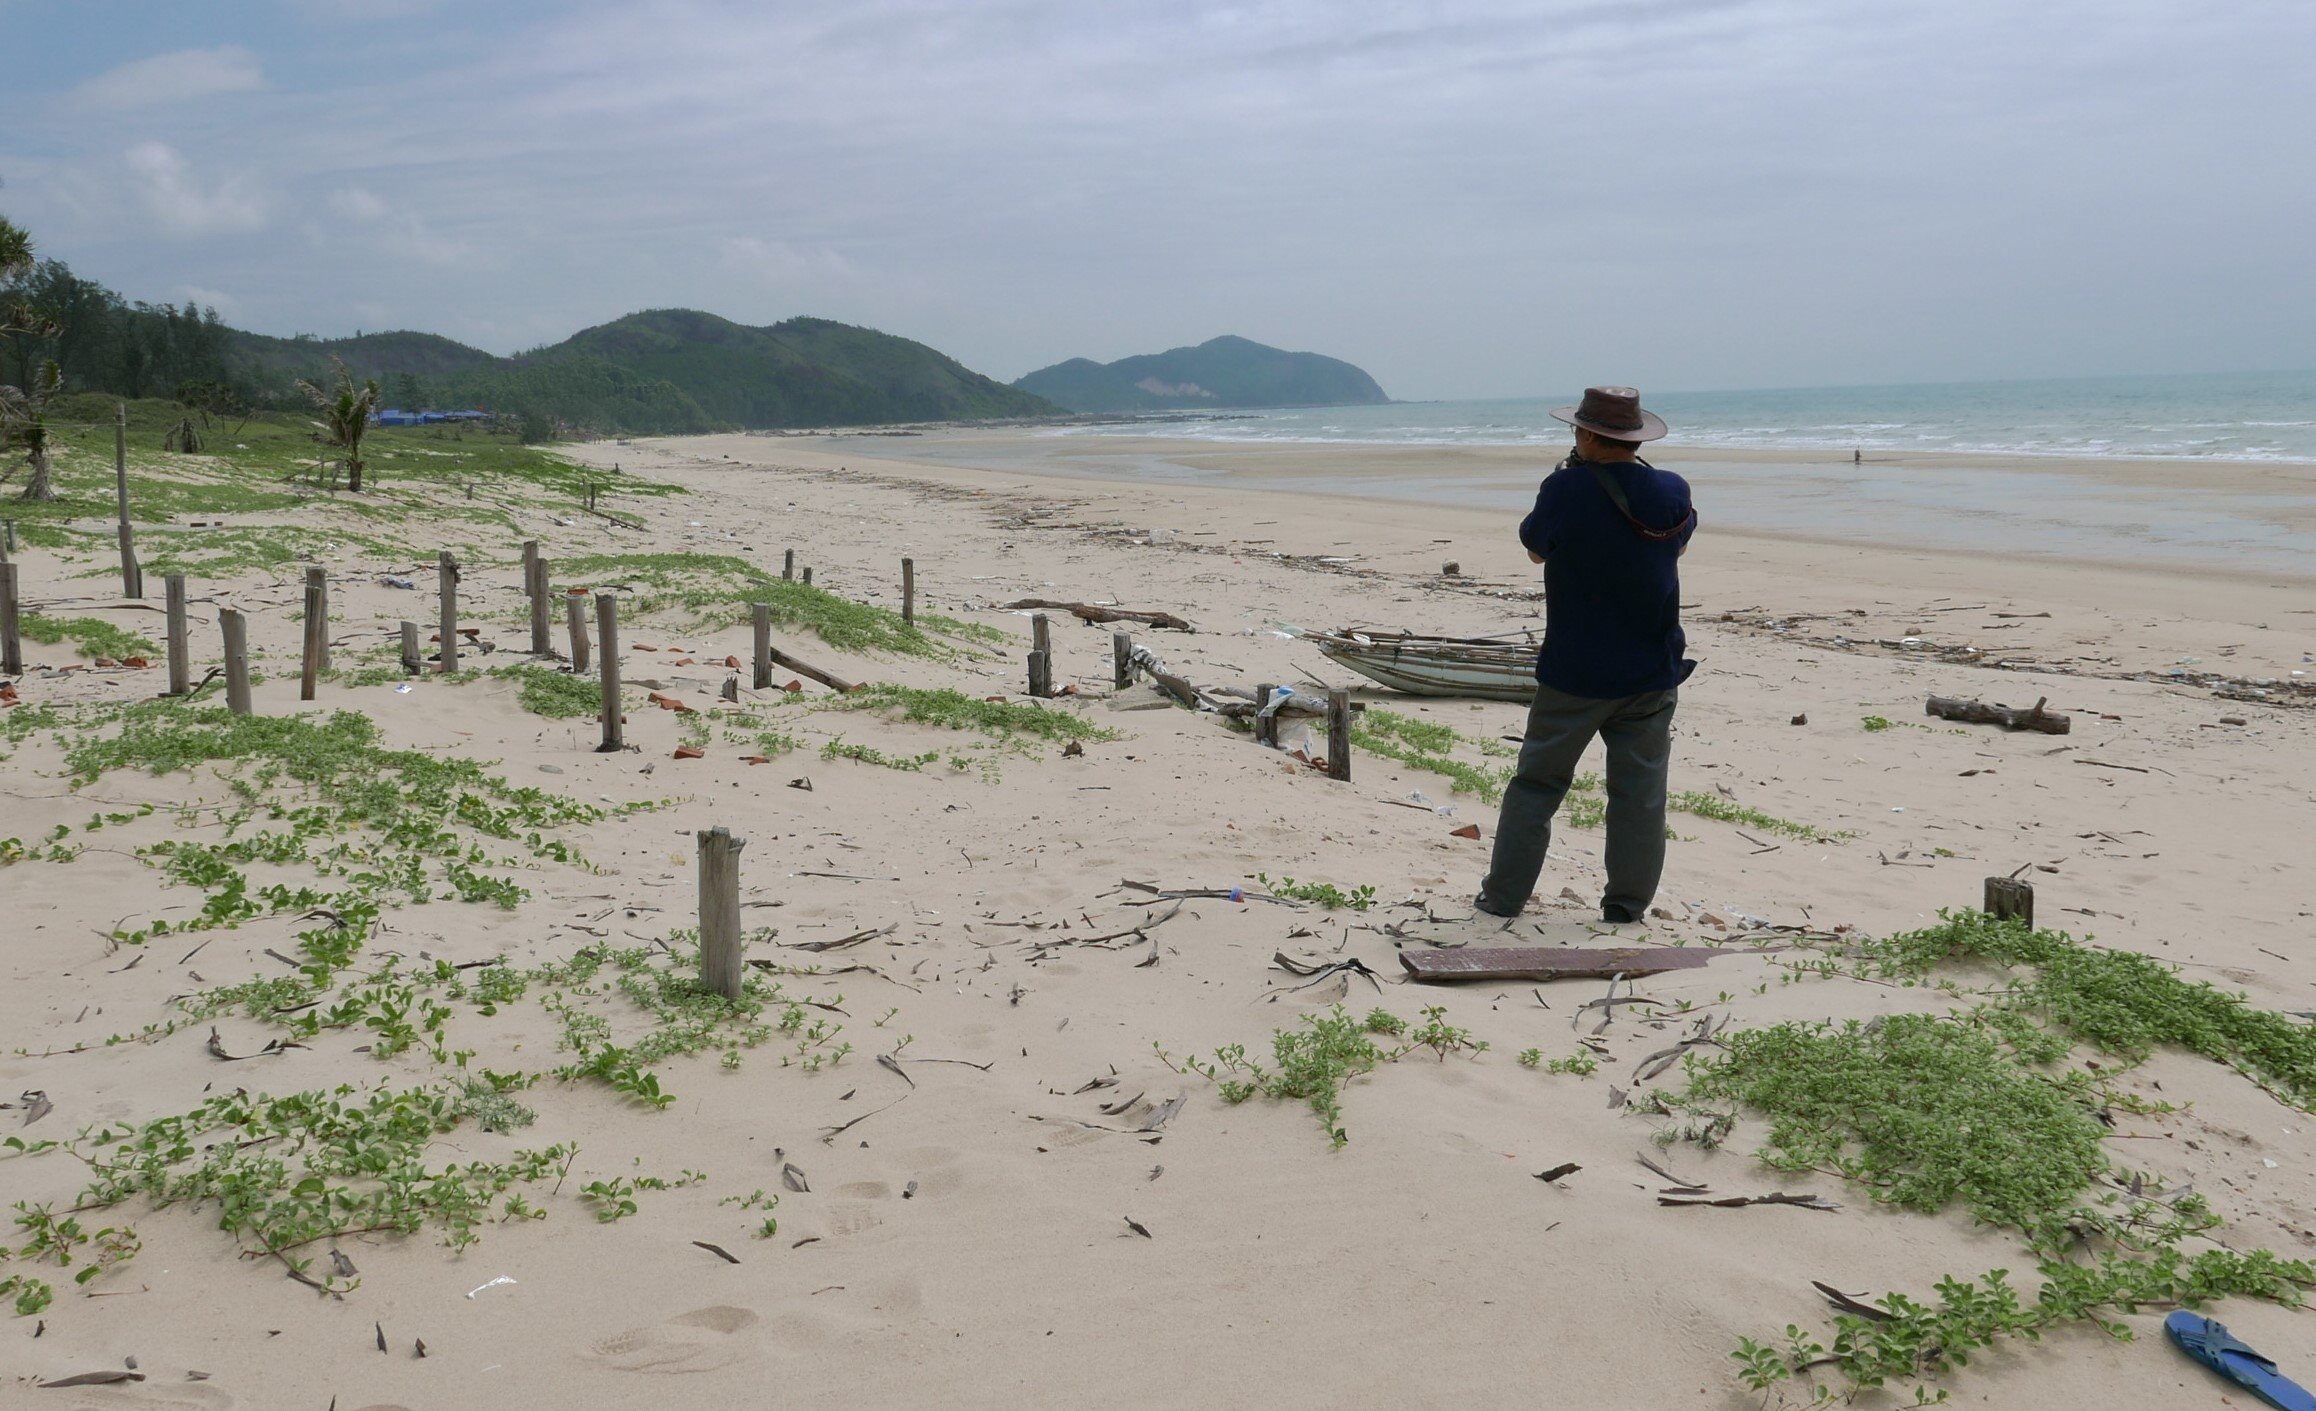 Nag Văn Tiến Hùng Tác Nghiệp Trên Bãi Biển Quan Lạn. Ảnh: Hm